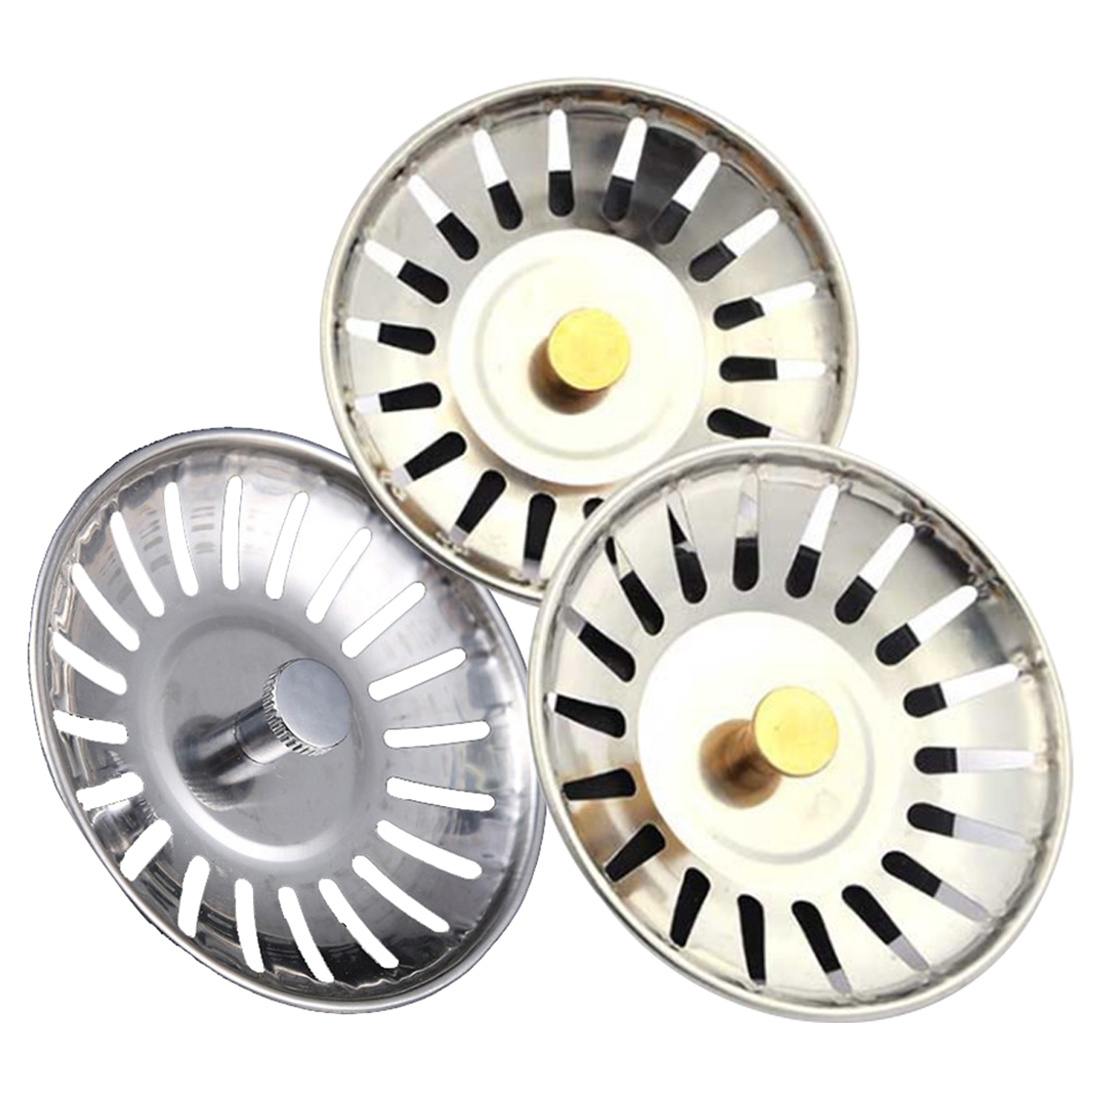 bathroom-accessories-1-pcs-kitchen-sink-strainer-stopper-waste-plug-sink-filter-deodorization-type-basin-sink-drain